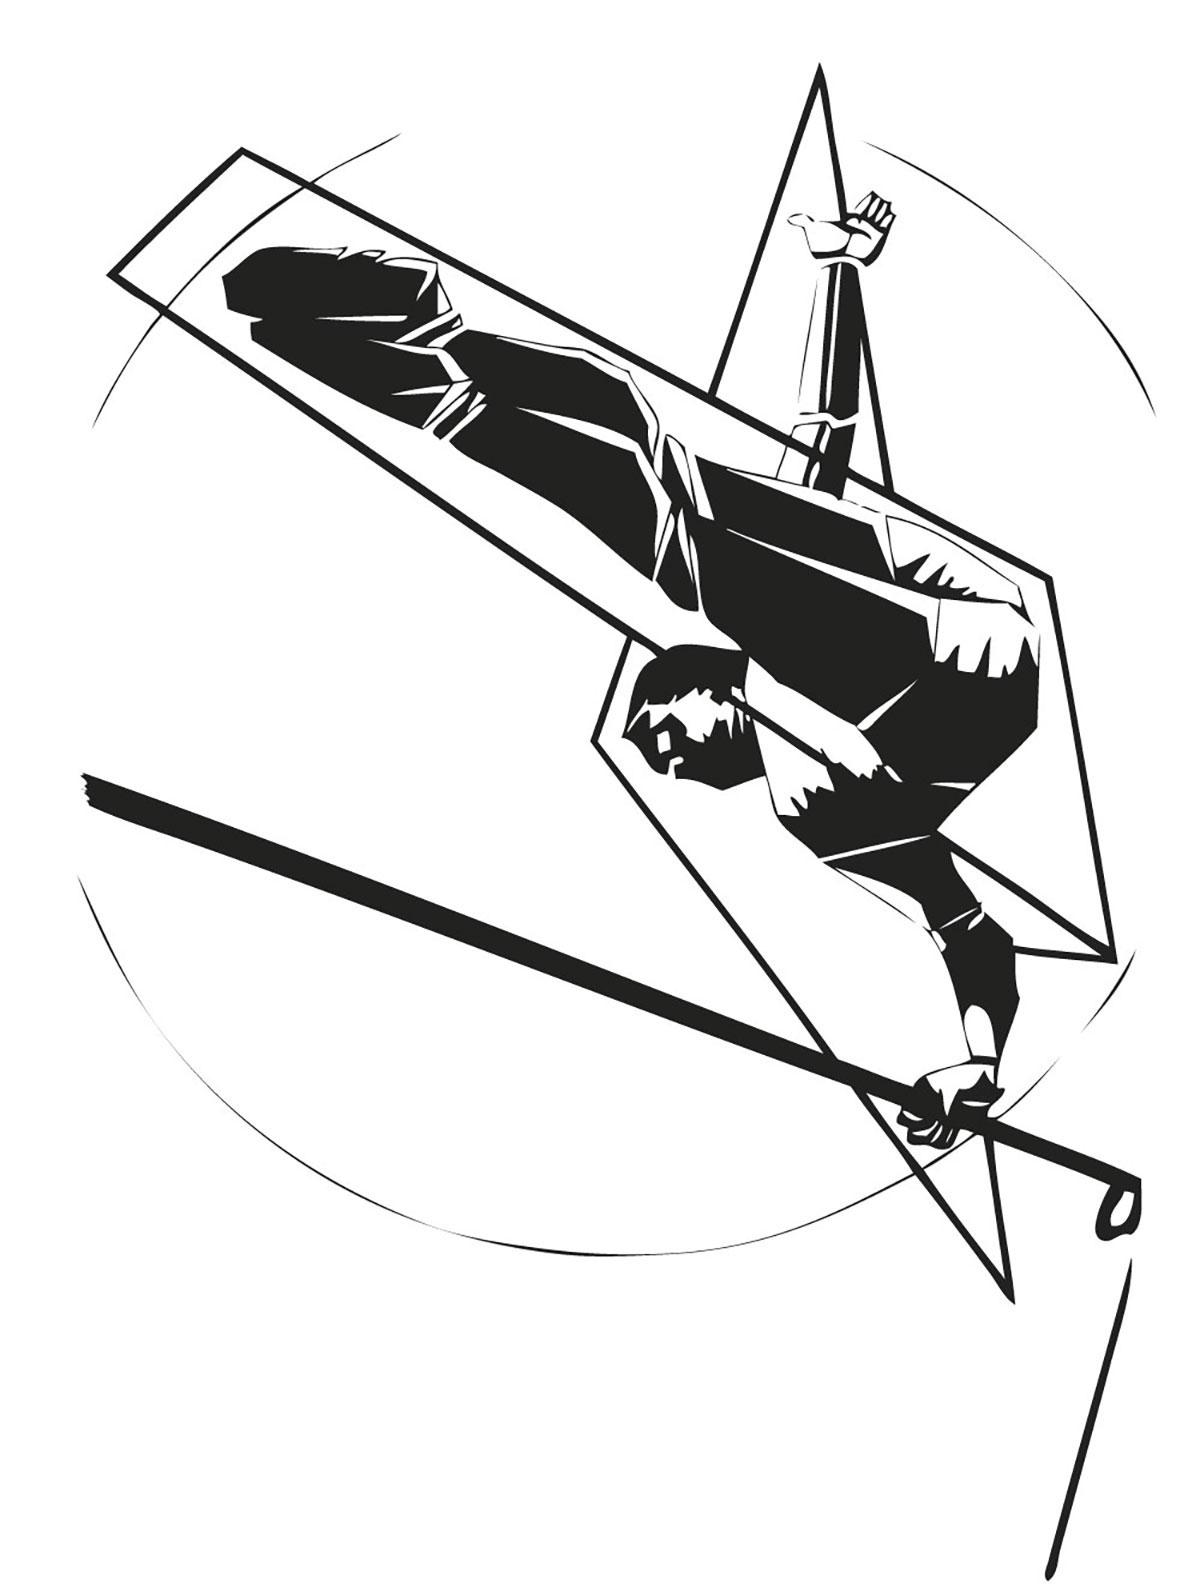 Infographiste indépendant, création d'illustrations, dessin sur la dynamique sportive